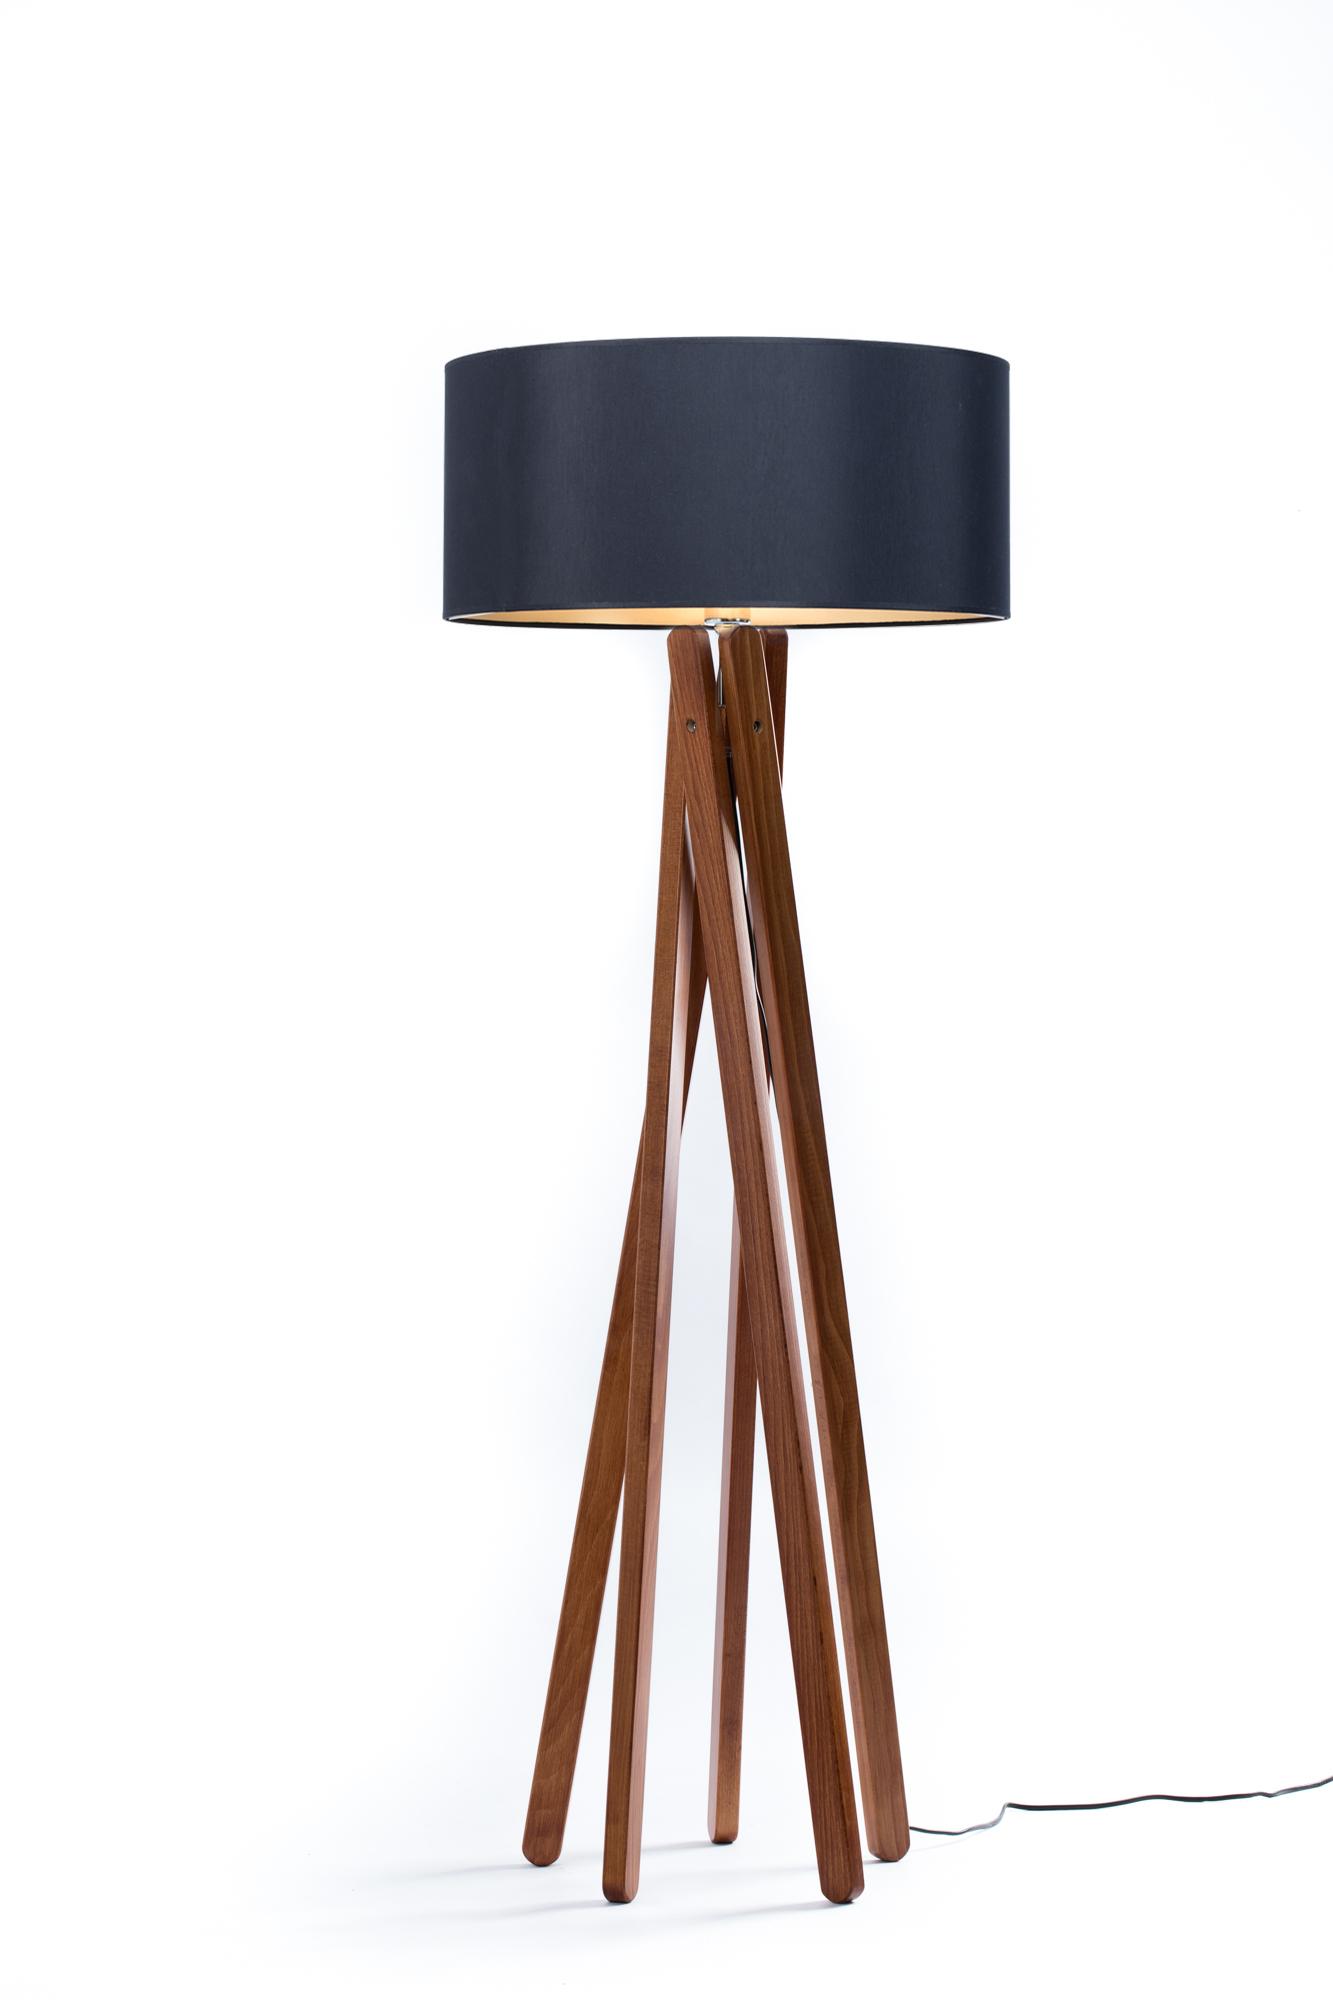 Full Size of Wohnzimmer Stehlampe Modern Poco Stehlampen Holz Dimmbar Ikea Led Bilder Xxl Hängeleuchte Deckenlampen Board Moderne Fürs Bett Design Liege Deckenstrahler Wohnzimmer Wohnzimmer Stehlampe Modern